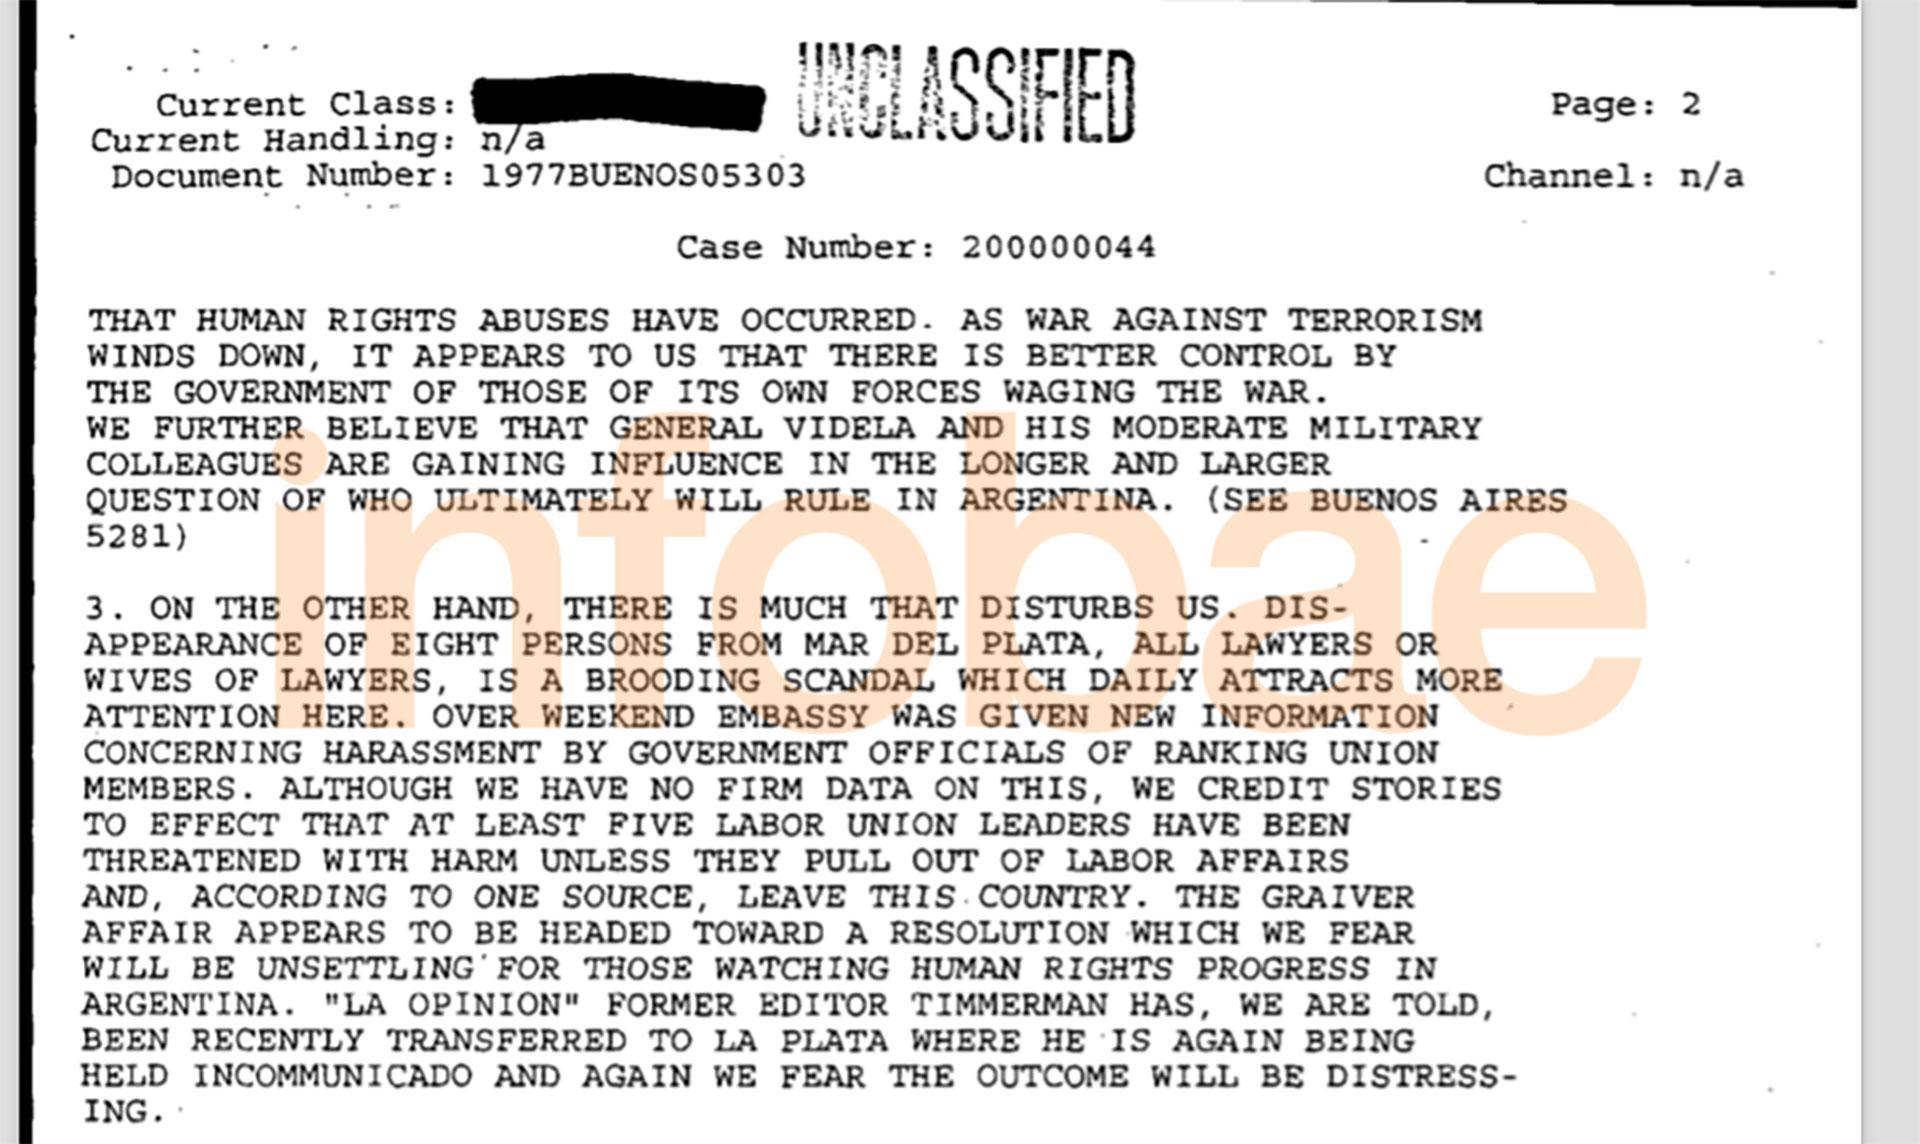 """El segundo documento desclasificado por la FOIA que alude a la Noche de las Corbatas califica el episodio como """"un escándalo inquietante""""."""